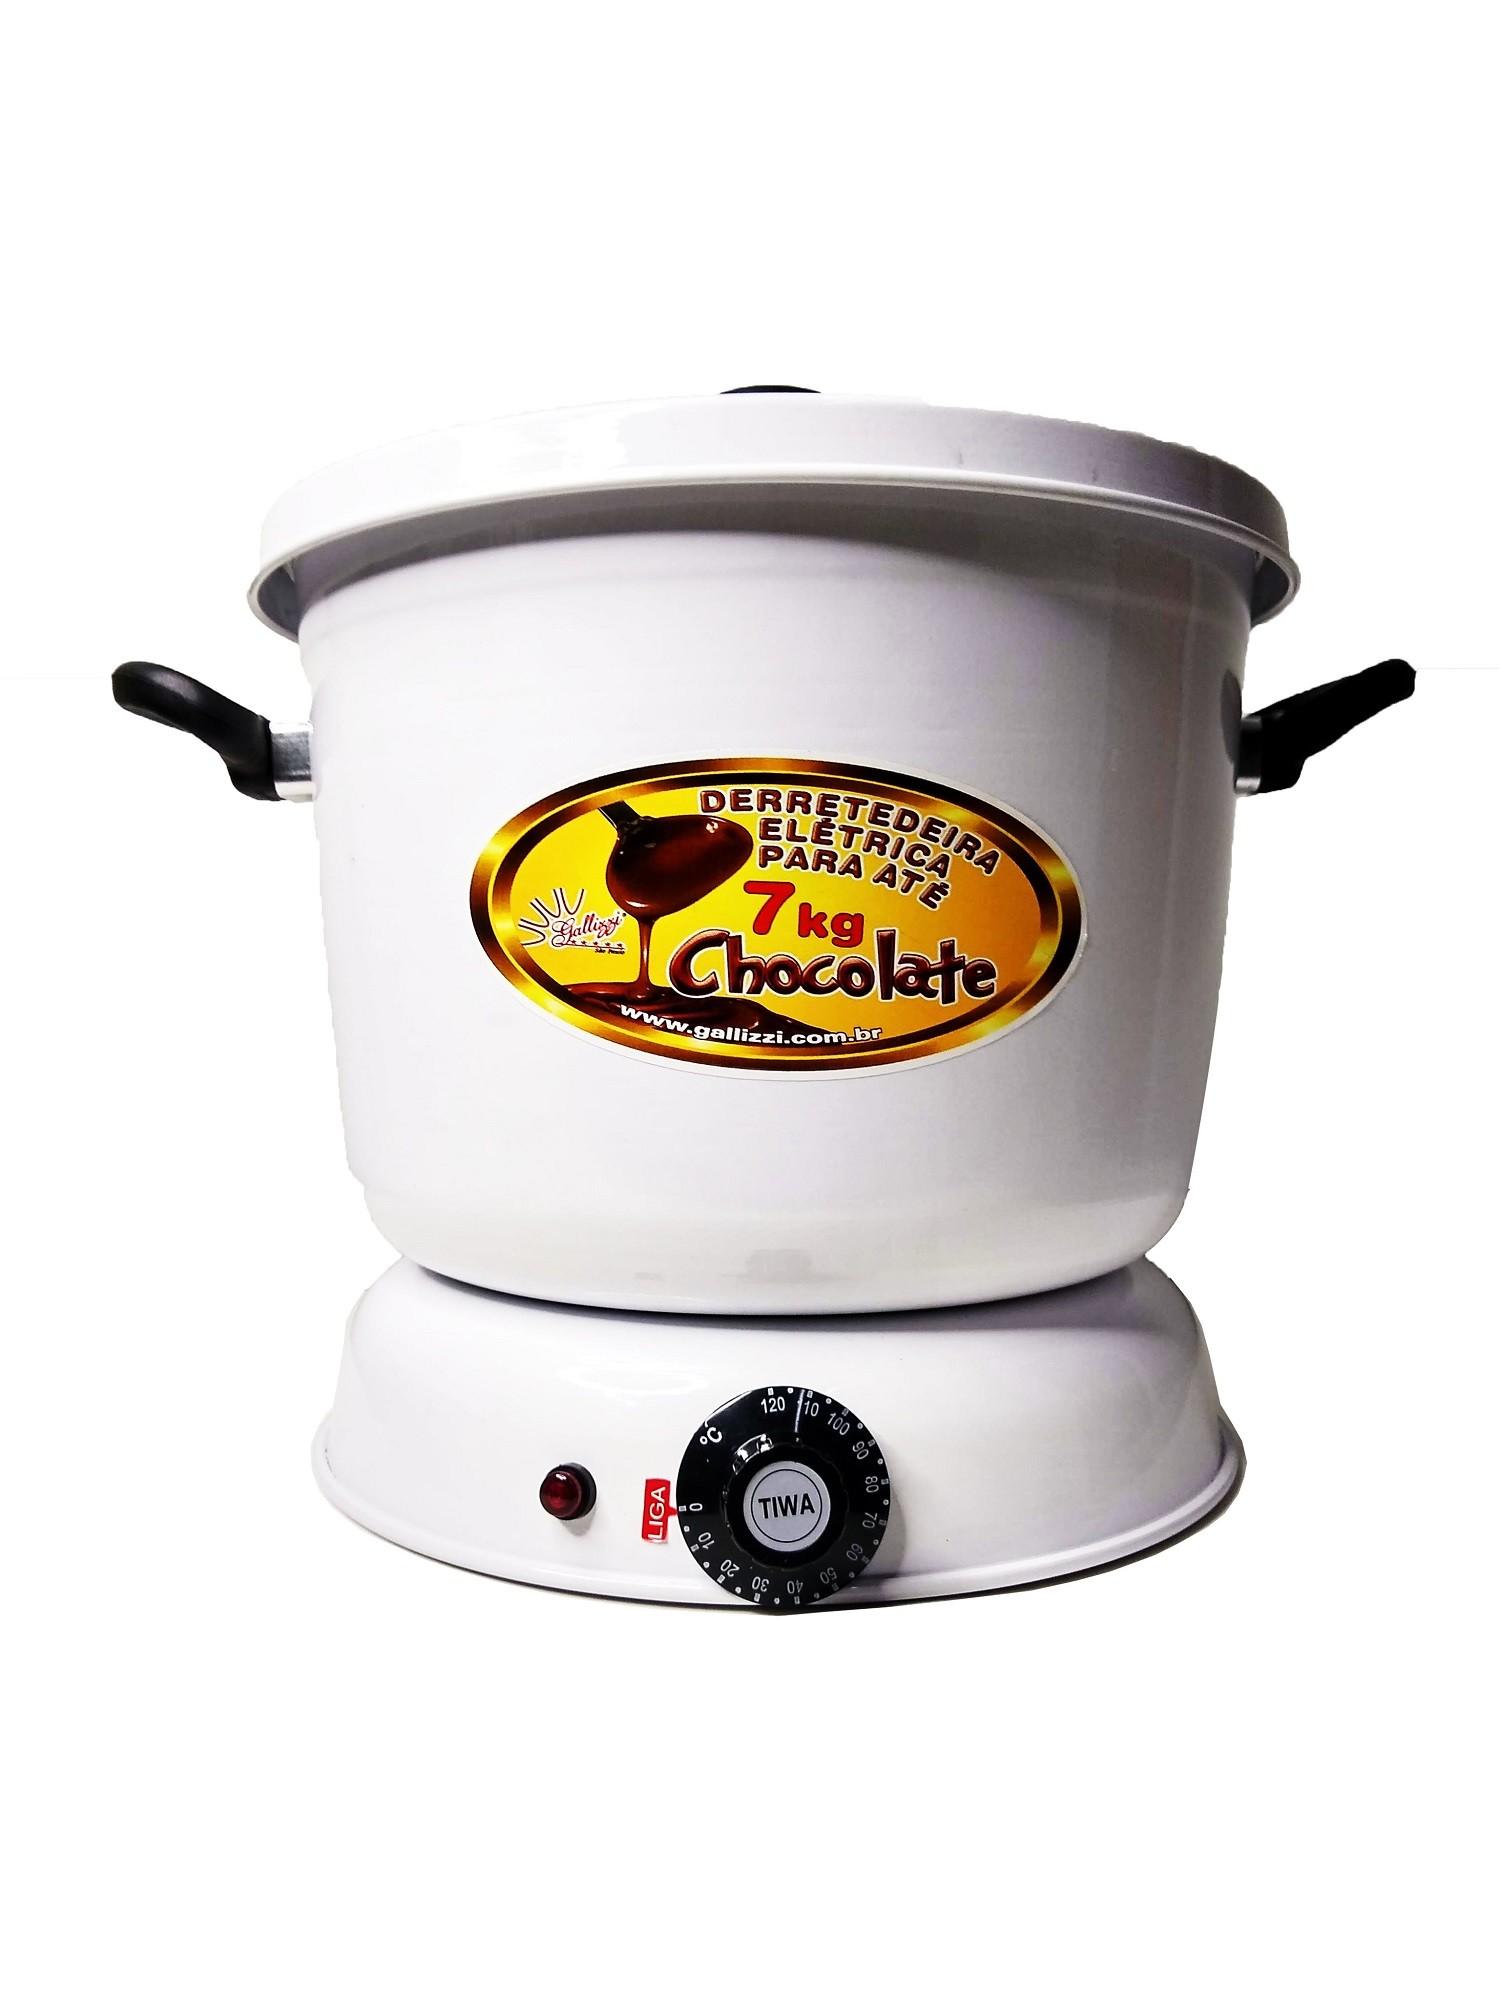 Derretedeira De Chocolate Elétrica Para Até 7kg Galizzi - Branca 220V